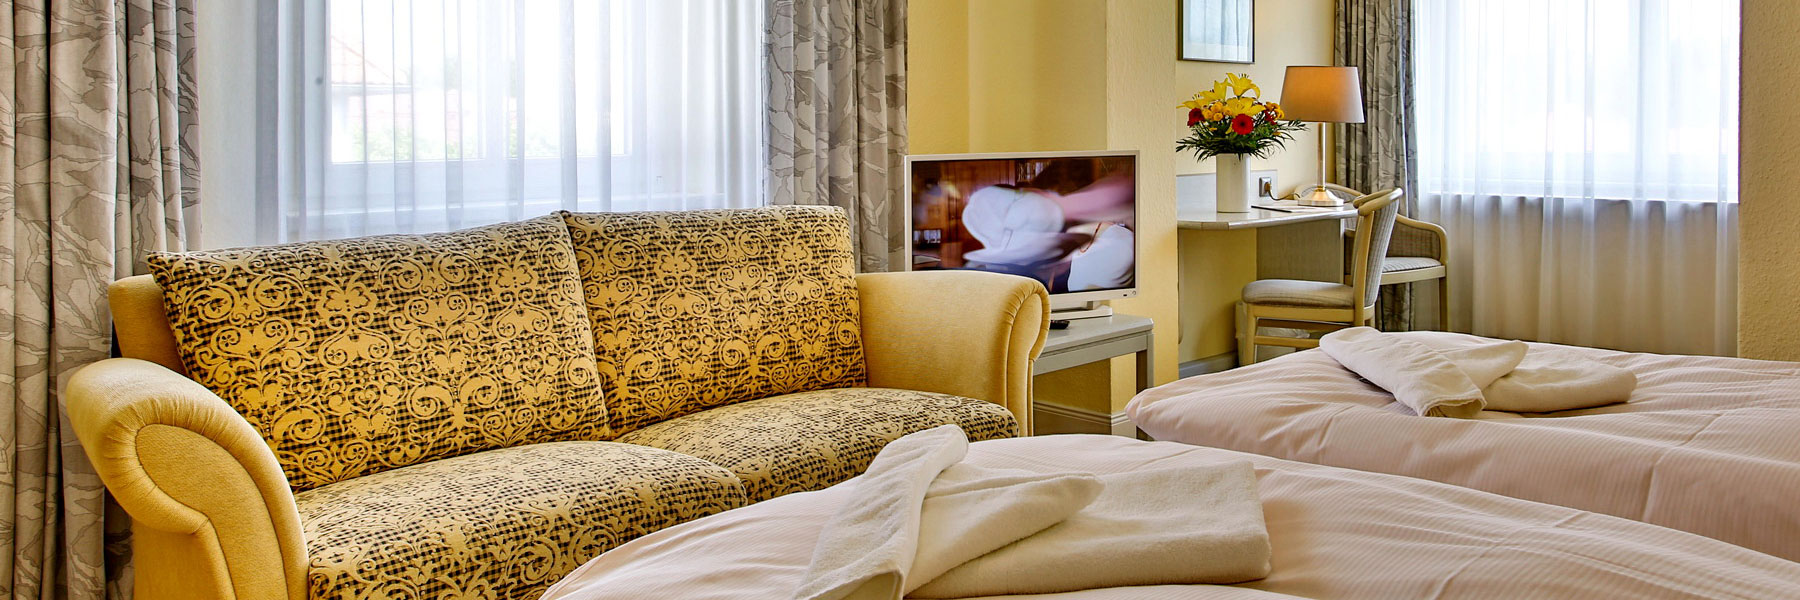 Doppelzimmer - Villa Edda (Hotel-Garni - Ferienwohnungen - Appartements)